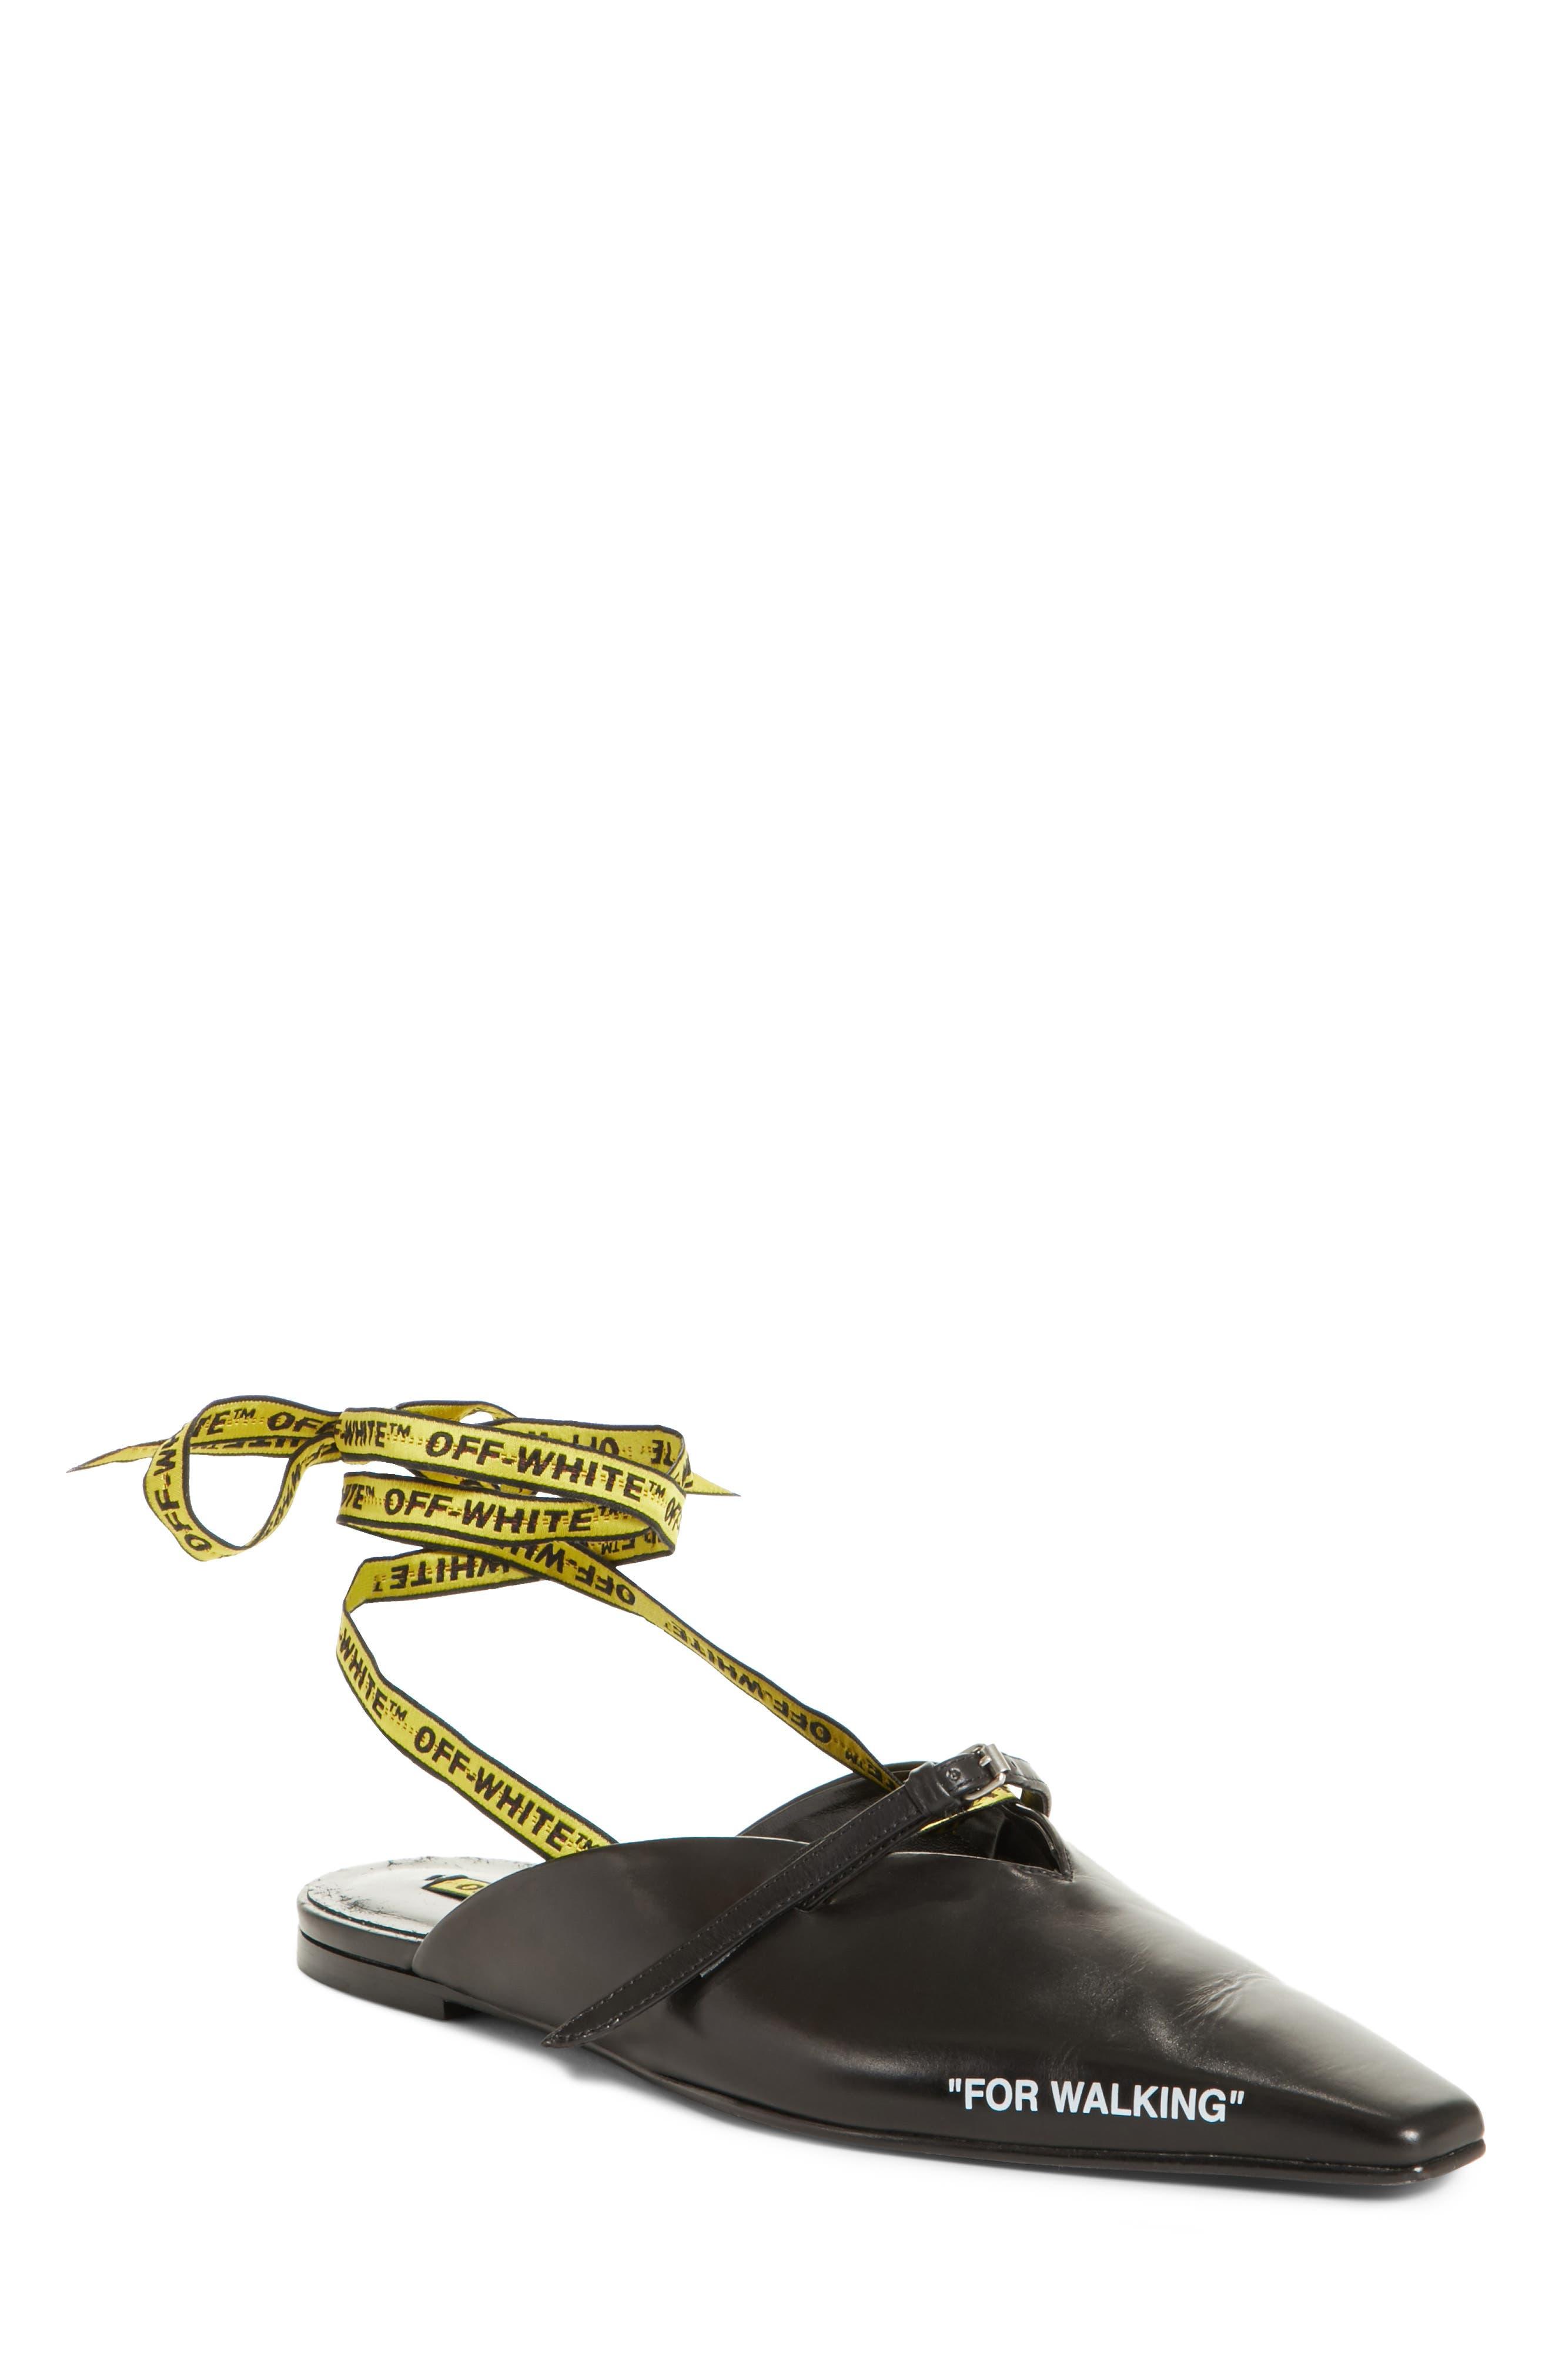 Alternate Image 1 Selected - Off-White For Walking Slipper Flat (Women)